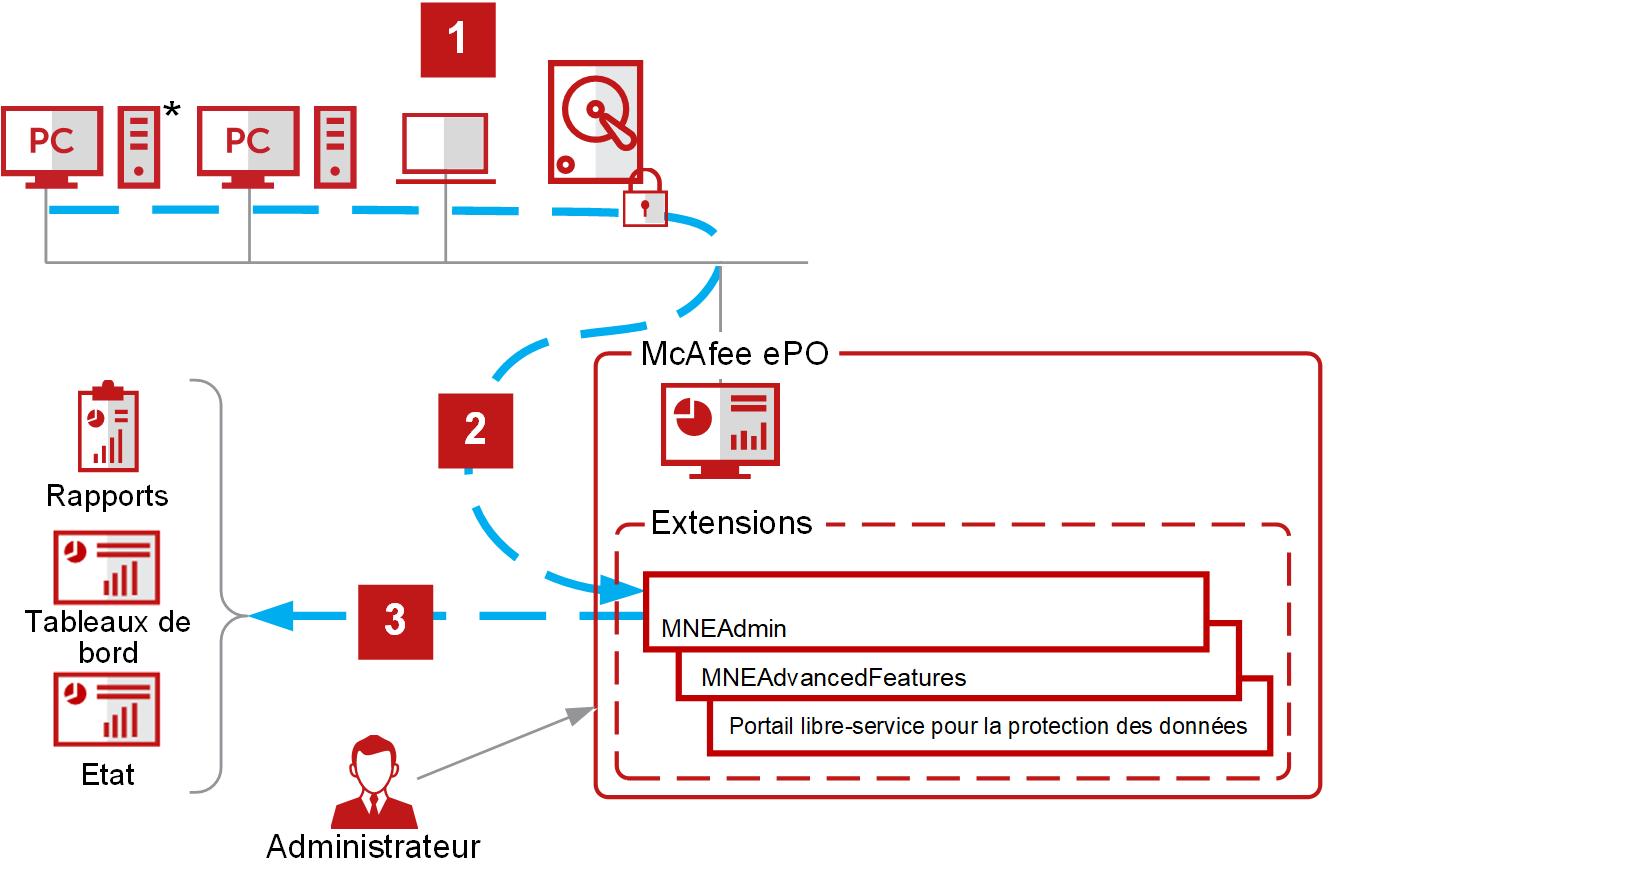 Avis Data protection and encryption : La protection universelle des données des entreprises - Appvizer